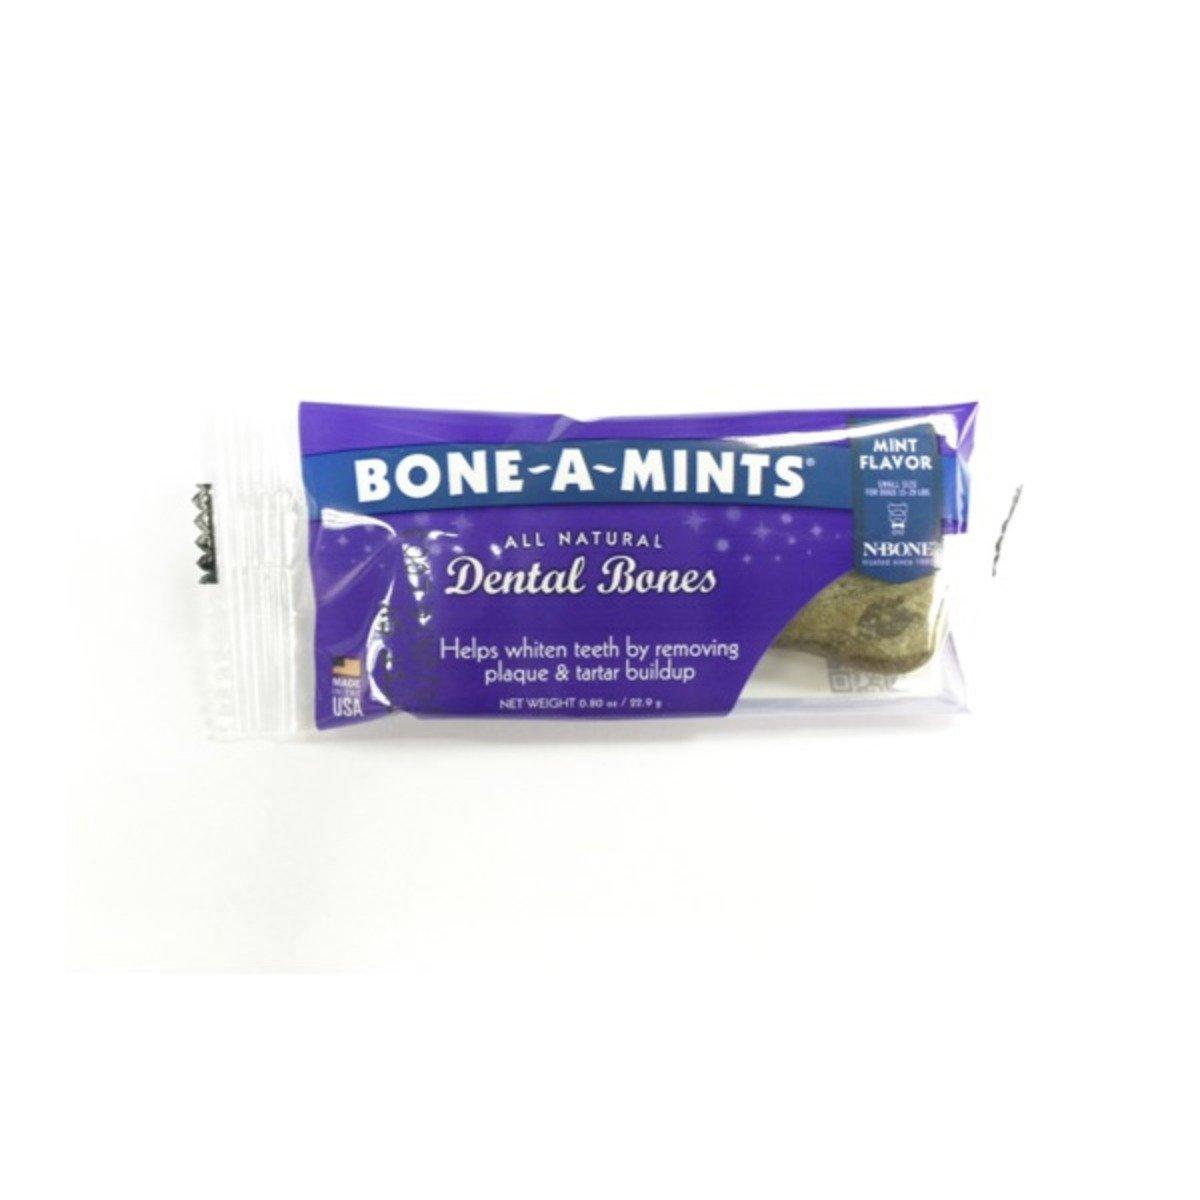 美國 BONE-A-MINTS 薄荷味潔齒骨單支裝(細)0.80oz